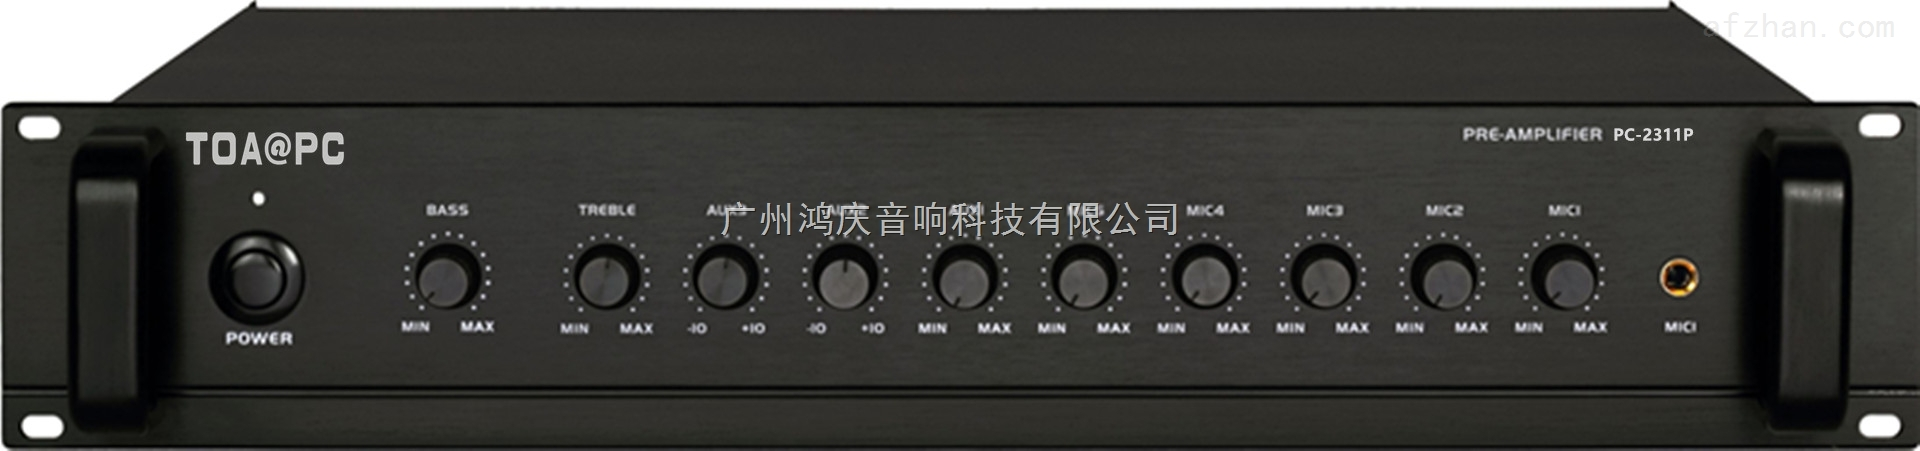 强声PC-2311P公共广播前置放大器